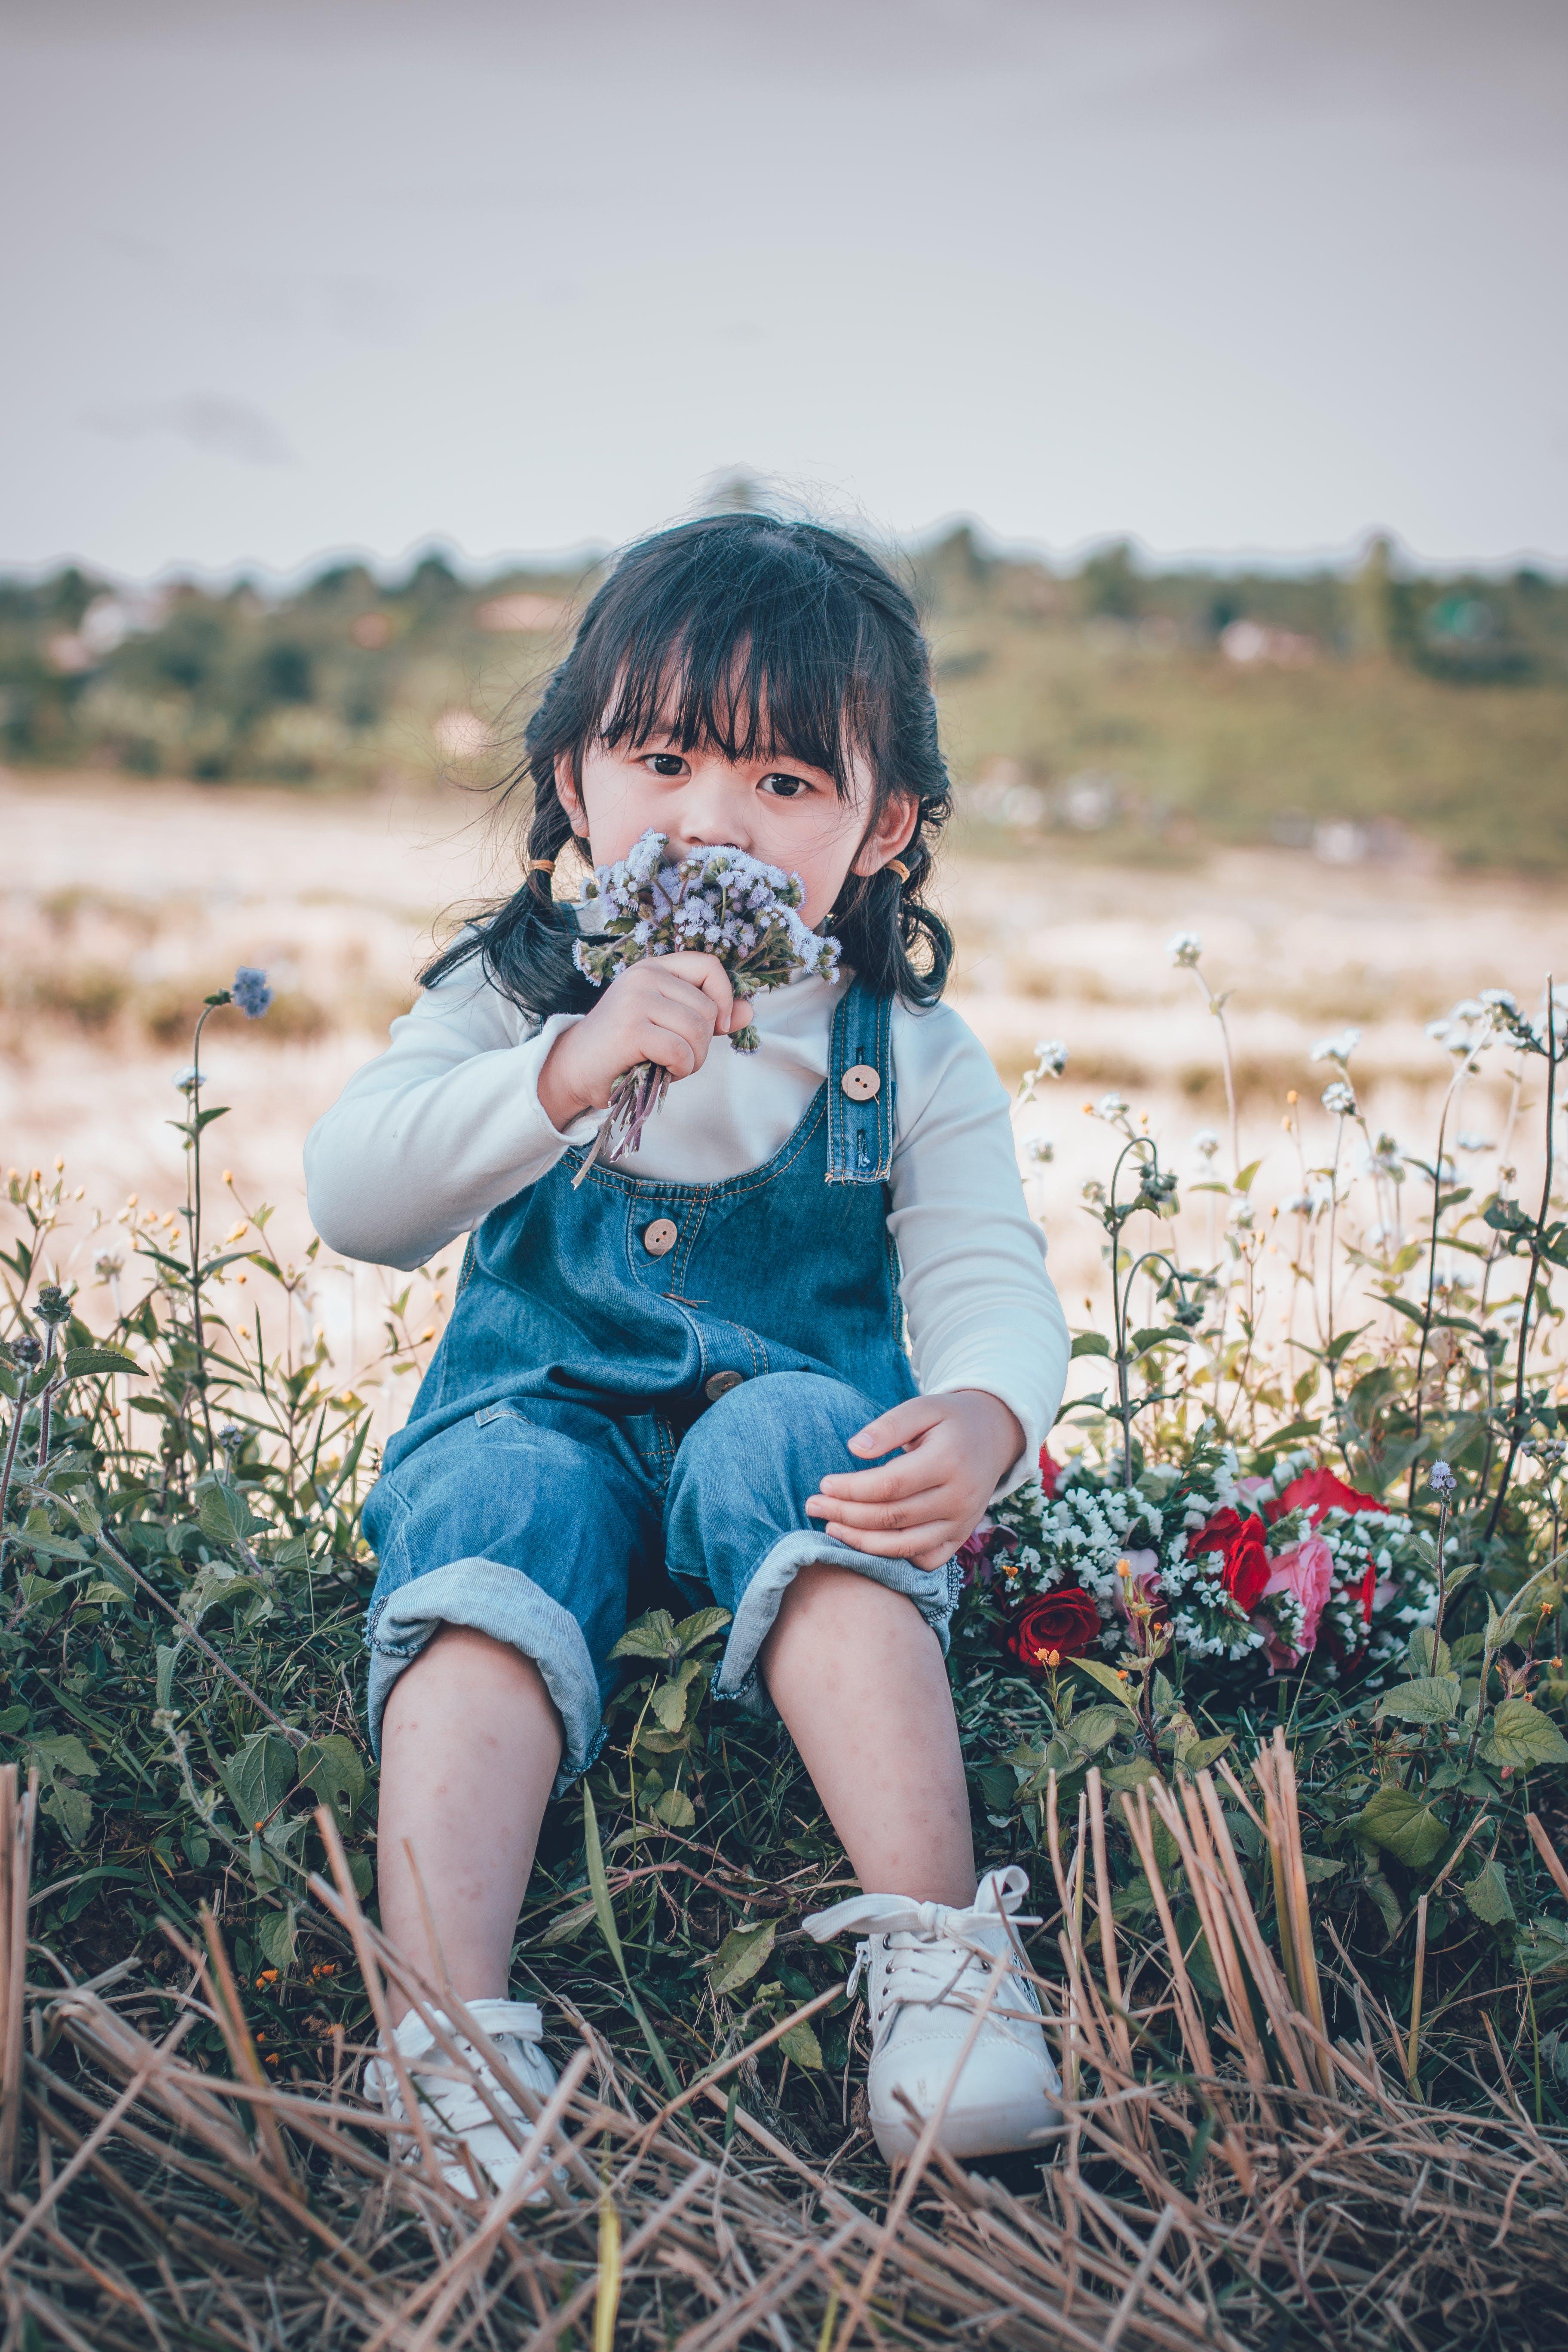 Kostenloses Stock Foto zu asiatisches kind, blumen, feld, gras